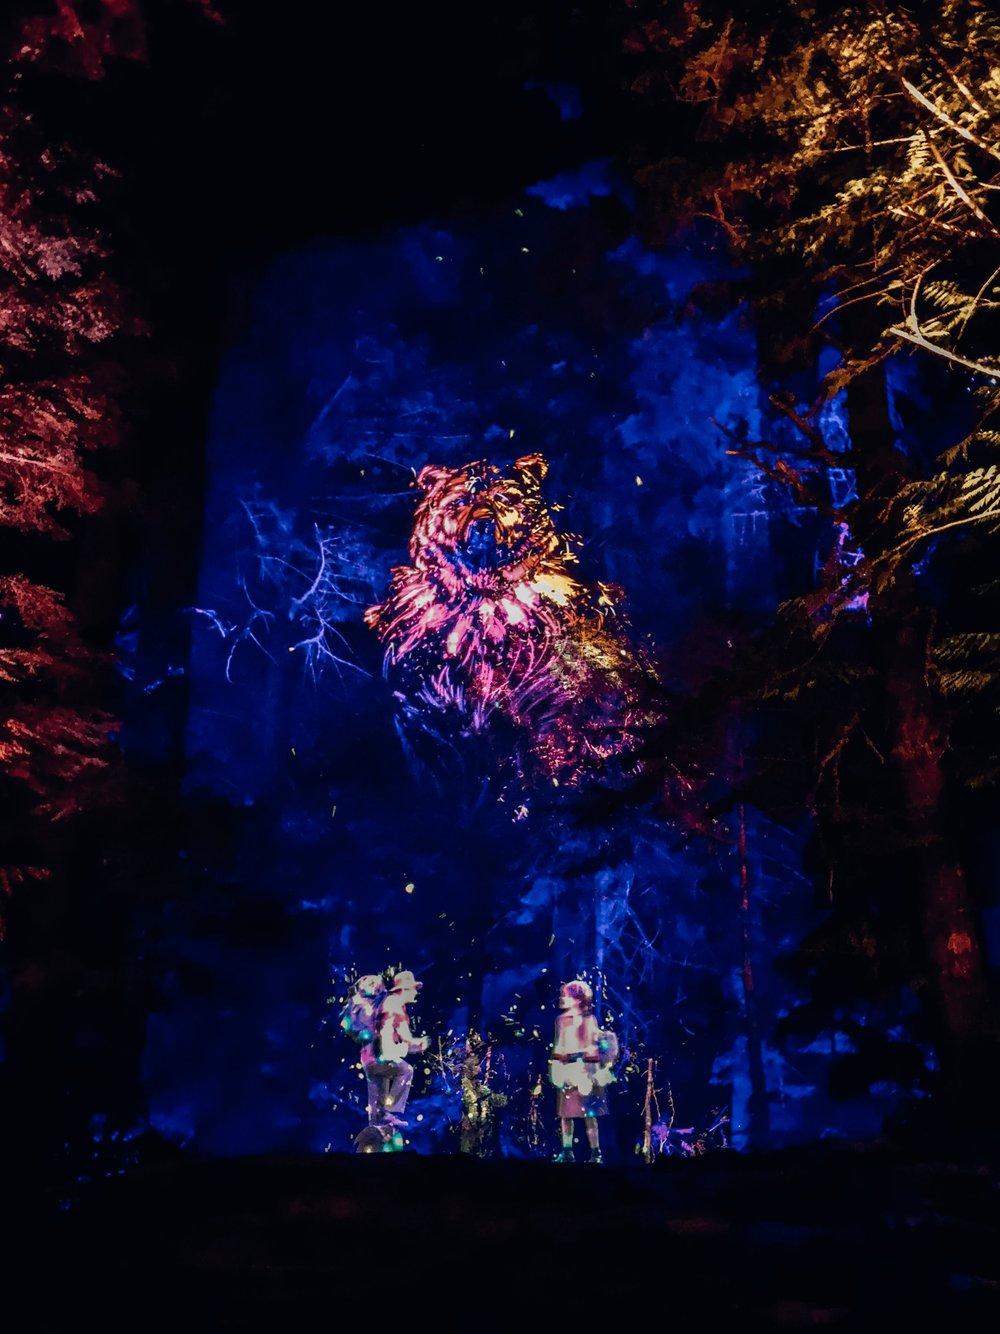 Vallea Lumina Whistler evening family activity